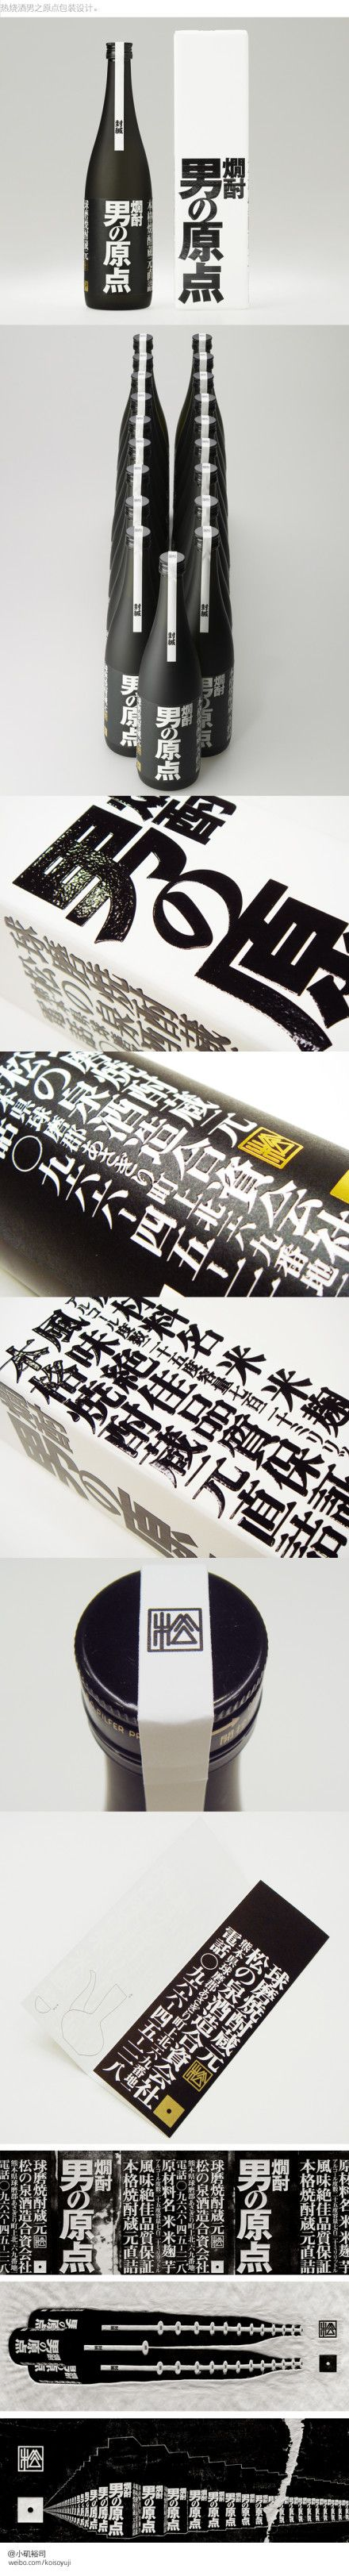 热烧酒男之原点包装设计。 Not sure what this says or is but great black and white #packaging #branding PD